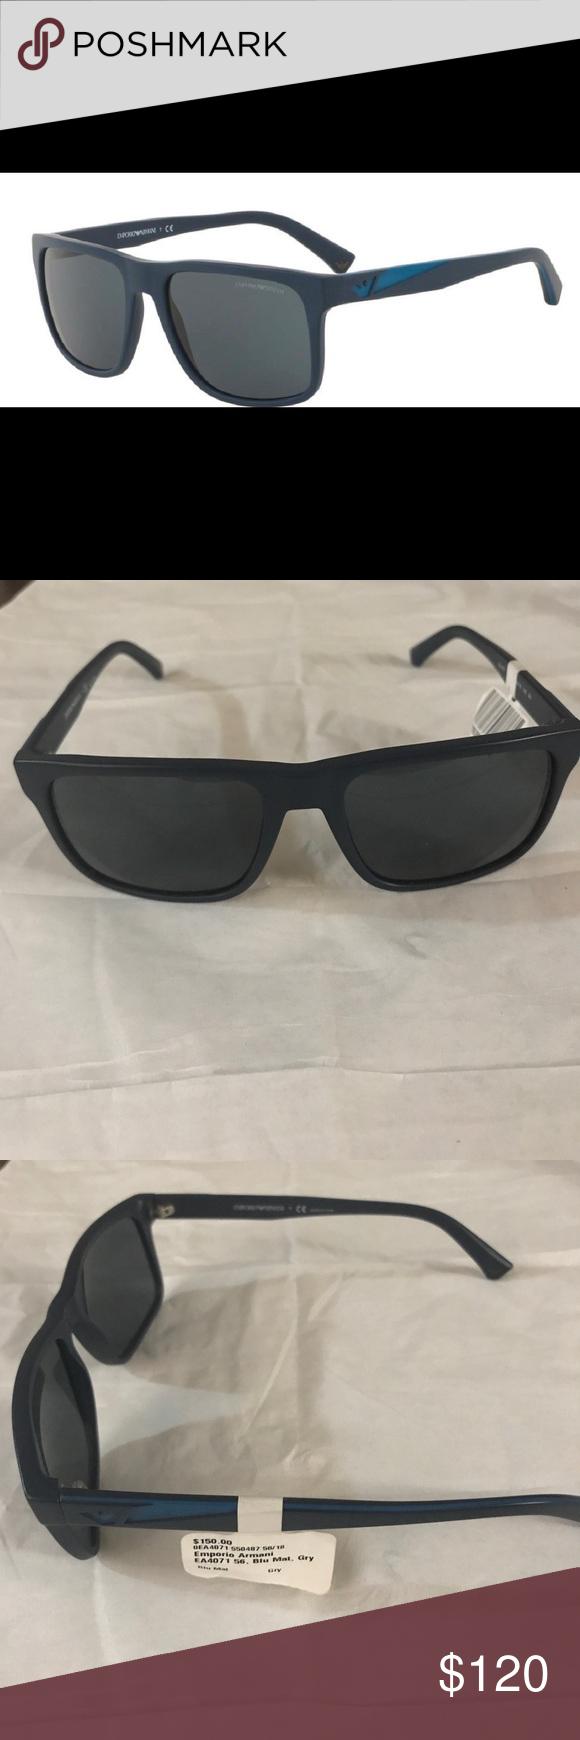 74f4b7cb02c1 Emporio Armani Sunglases ESSENTIAL LEISURE EA4071 New with tag No case Emporio  Armani Sunglasses - ESSENTIAL